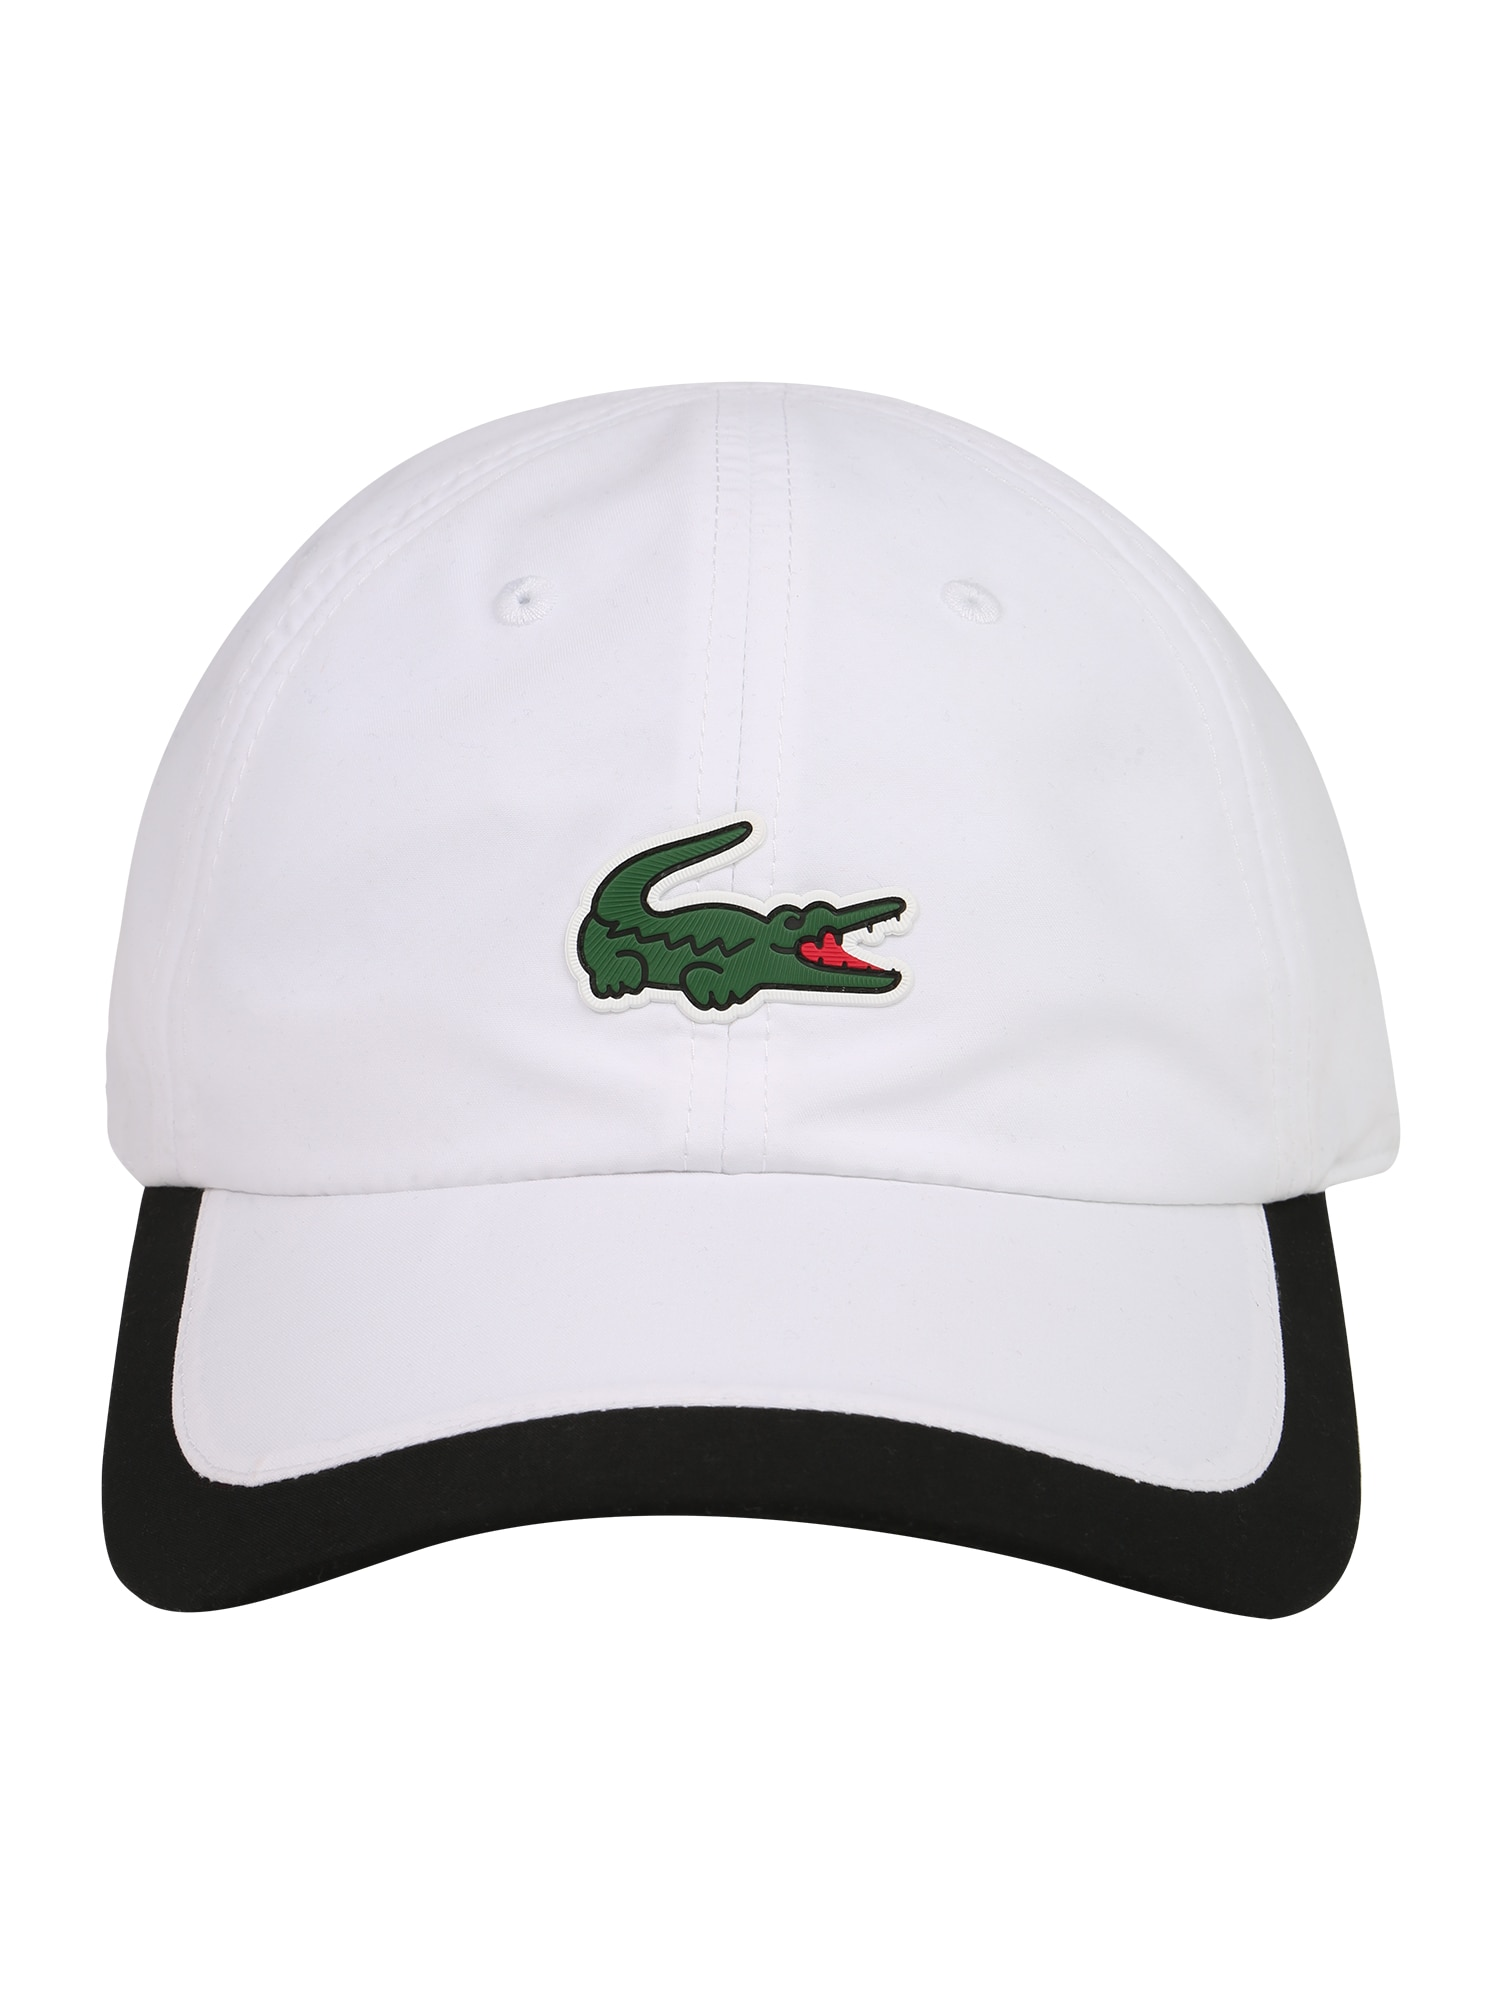 Lacoste Sport Sportinė kepurė balta / juoda / tamsiai žalia / šviesiai raudona